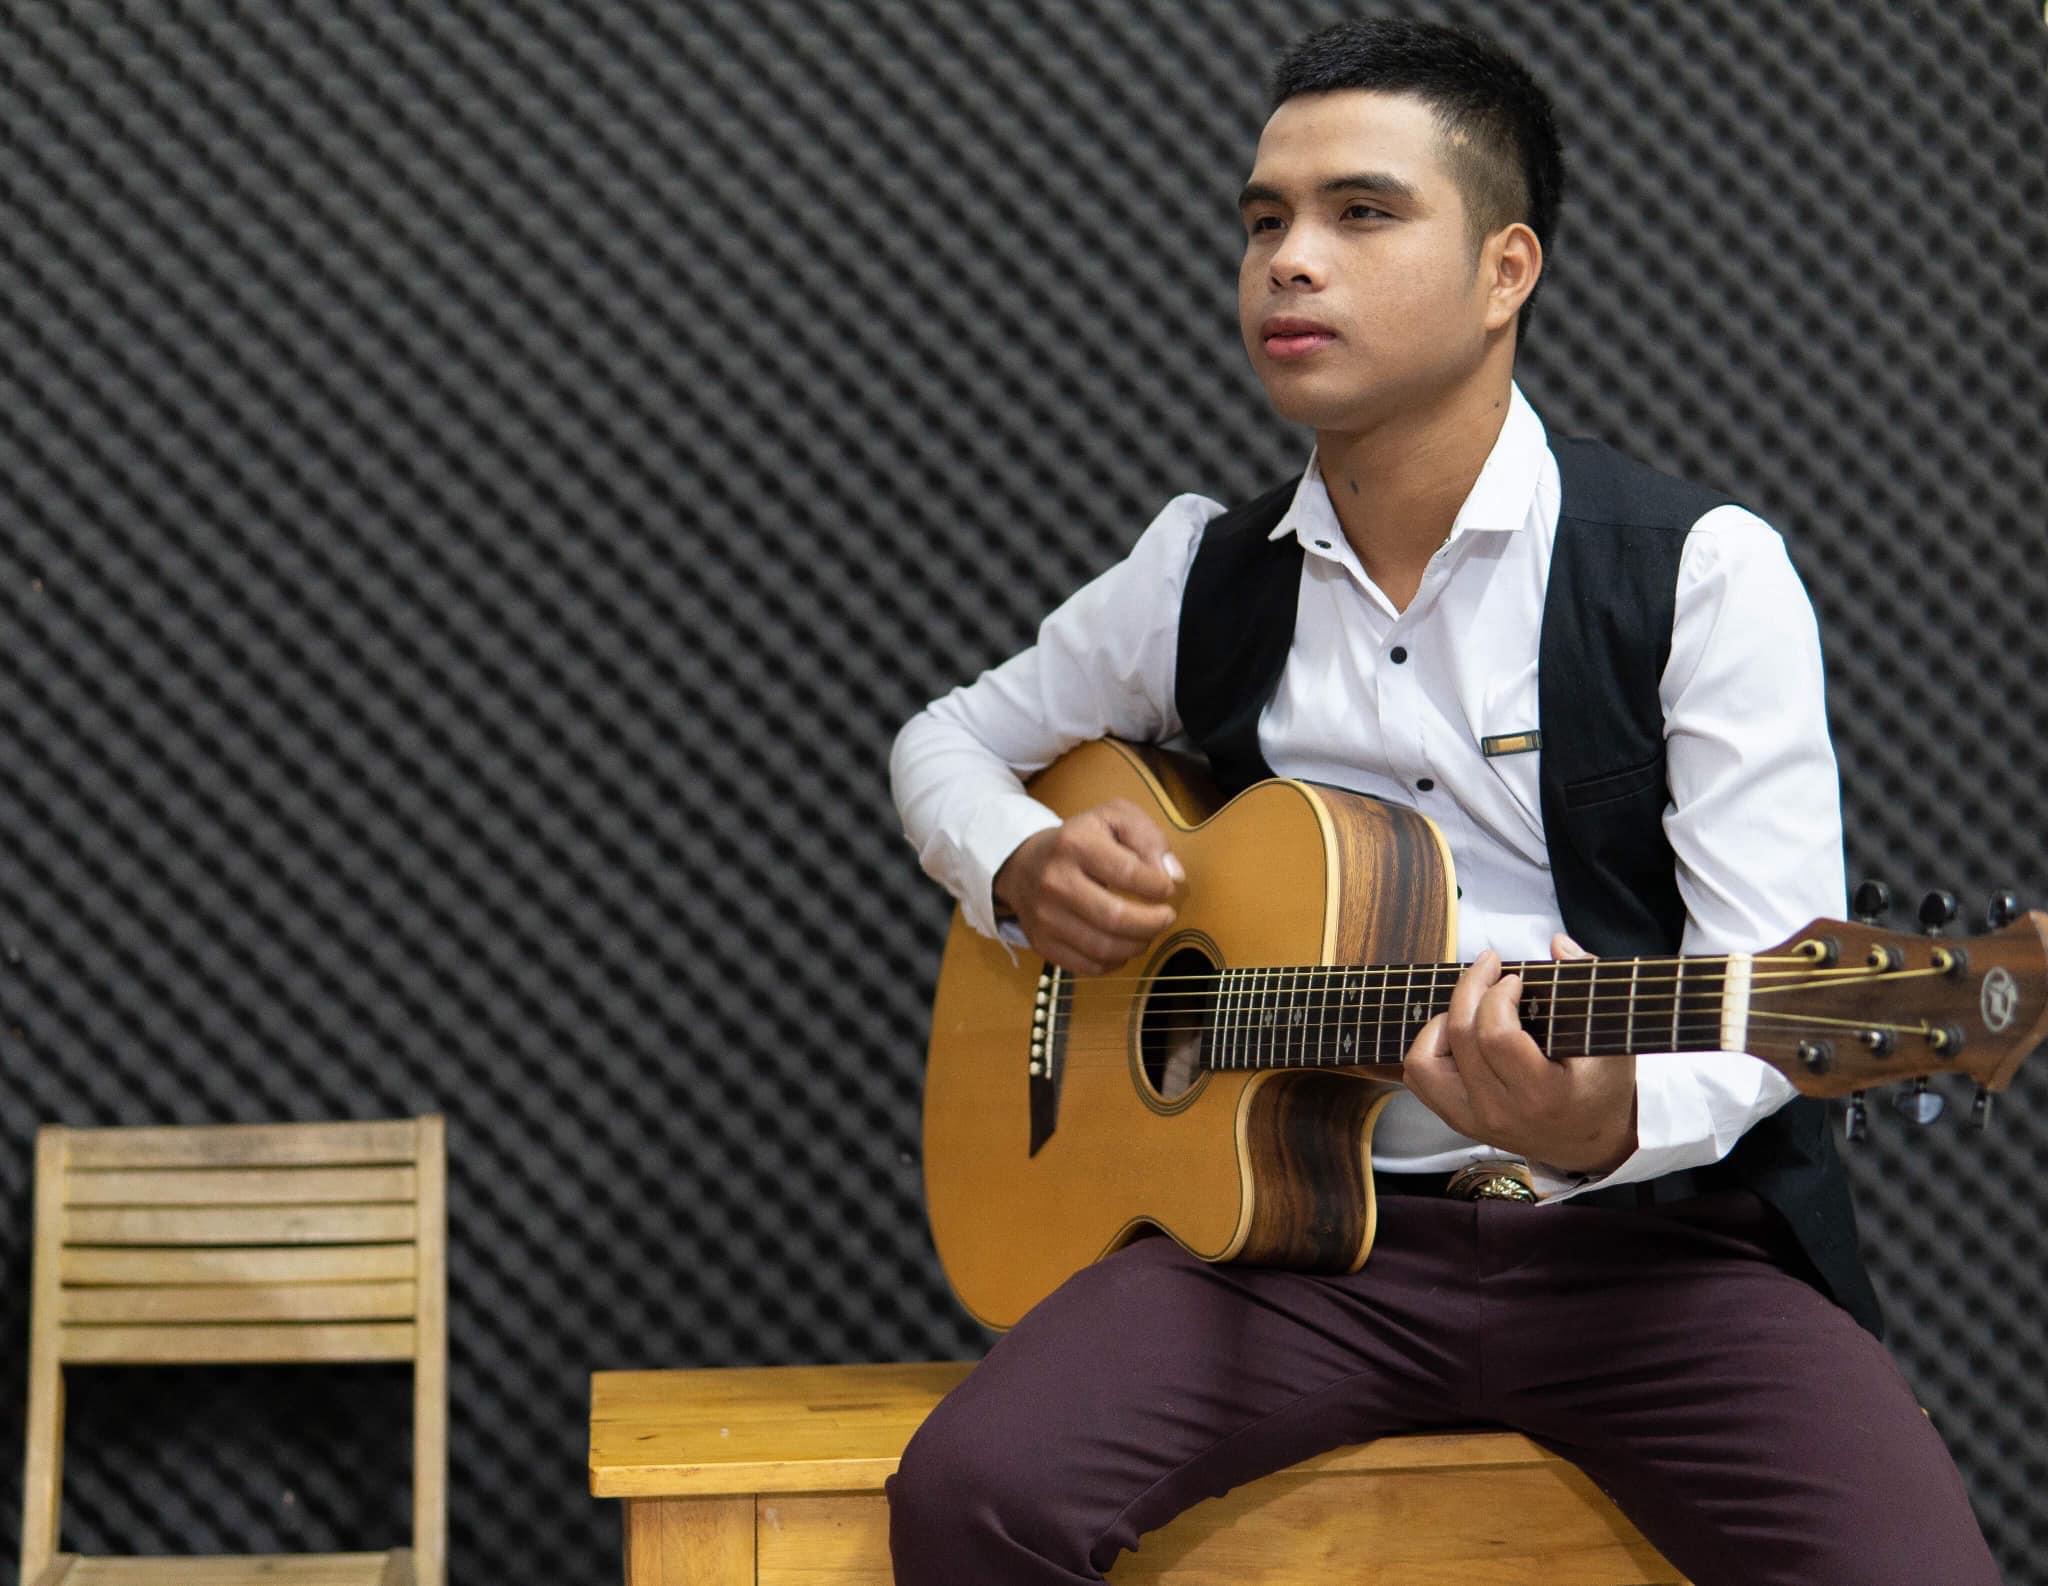 Balin-Chàng ca sĩ trẻ dân tộc Gia Rai.